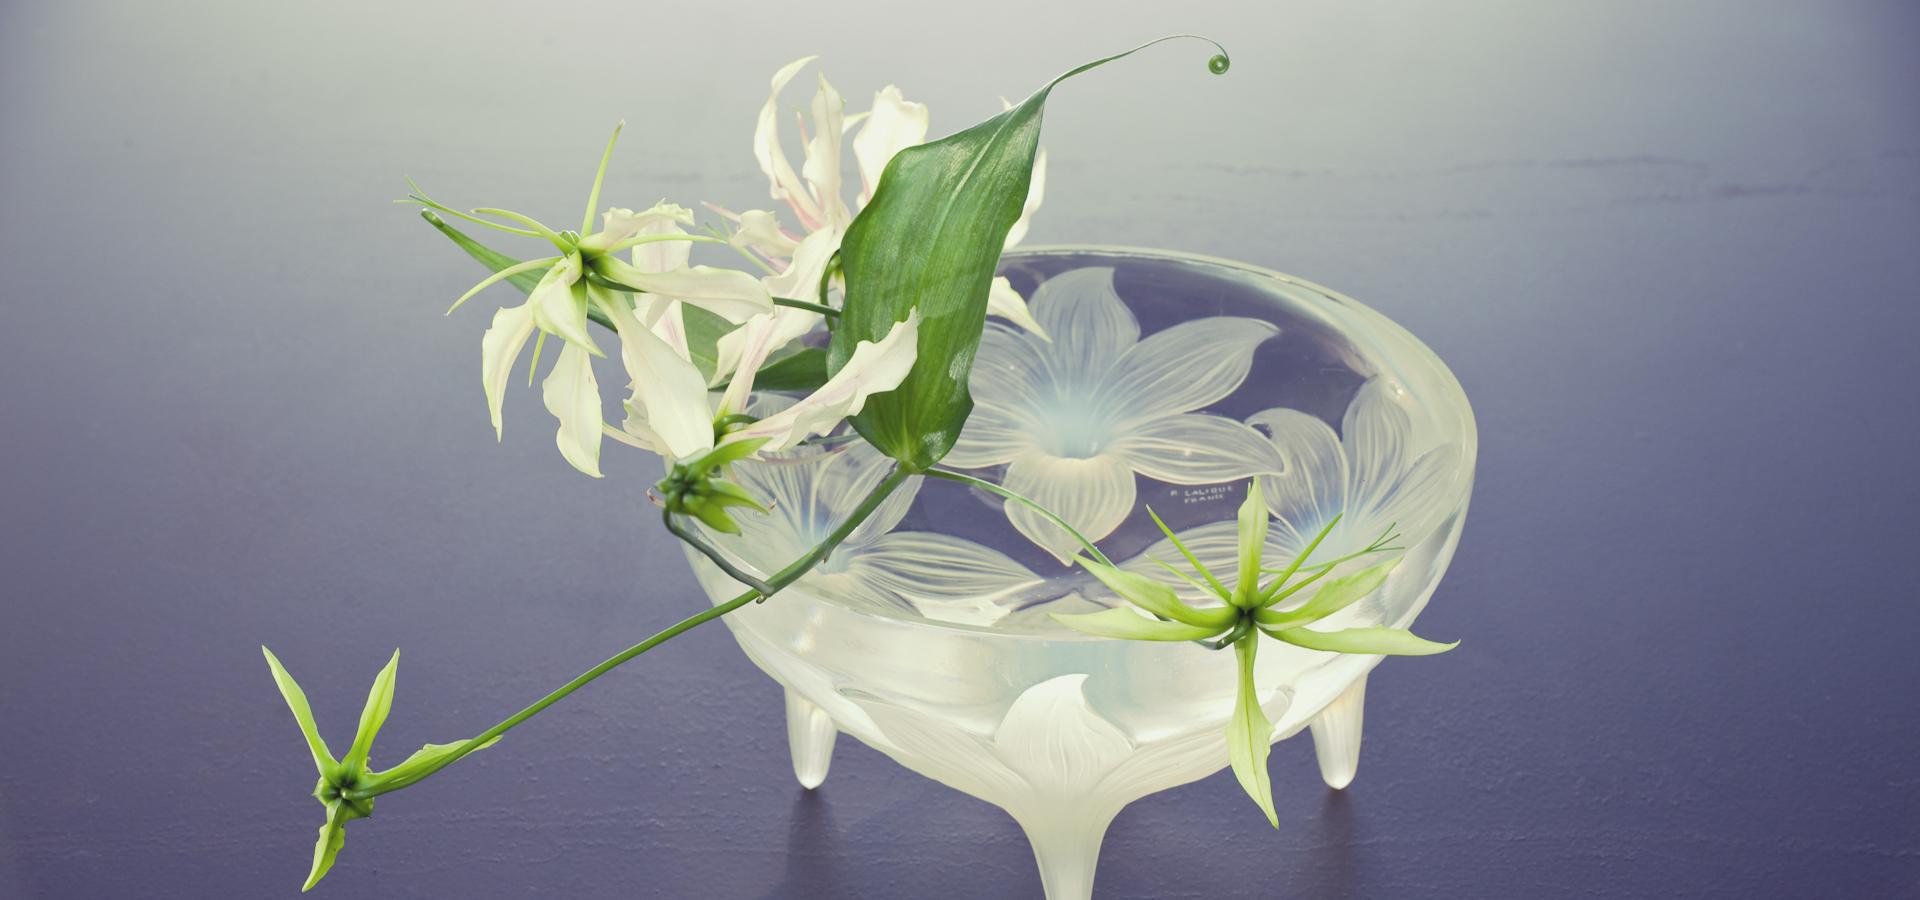 「花」×「人」×「コト」 が織りなす、コミュニケーション